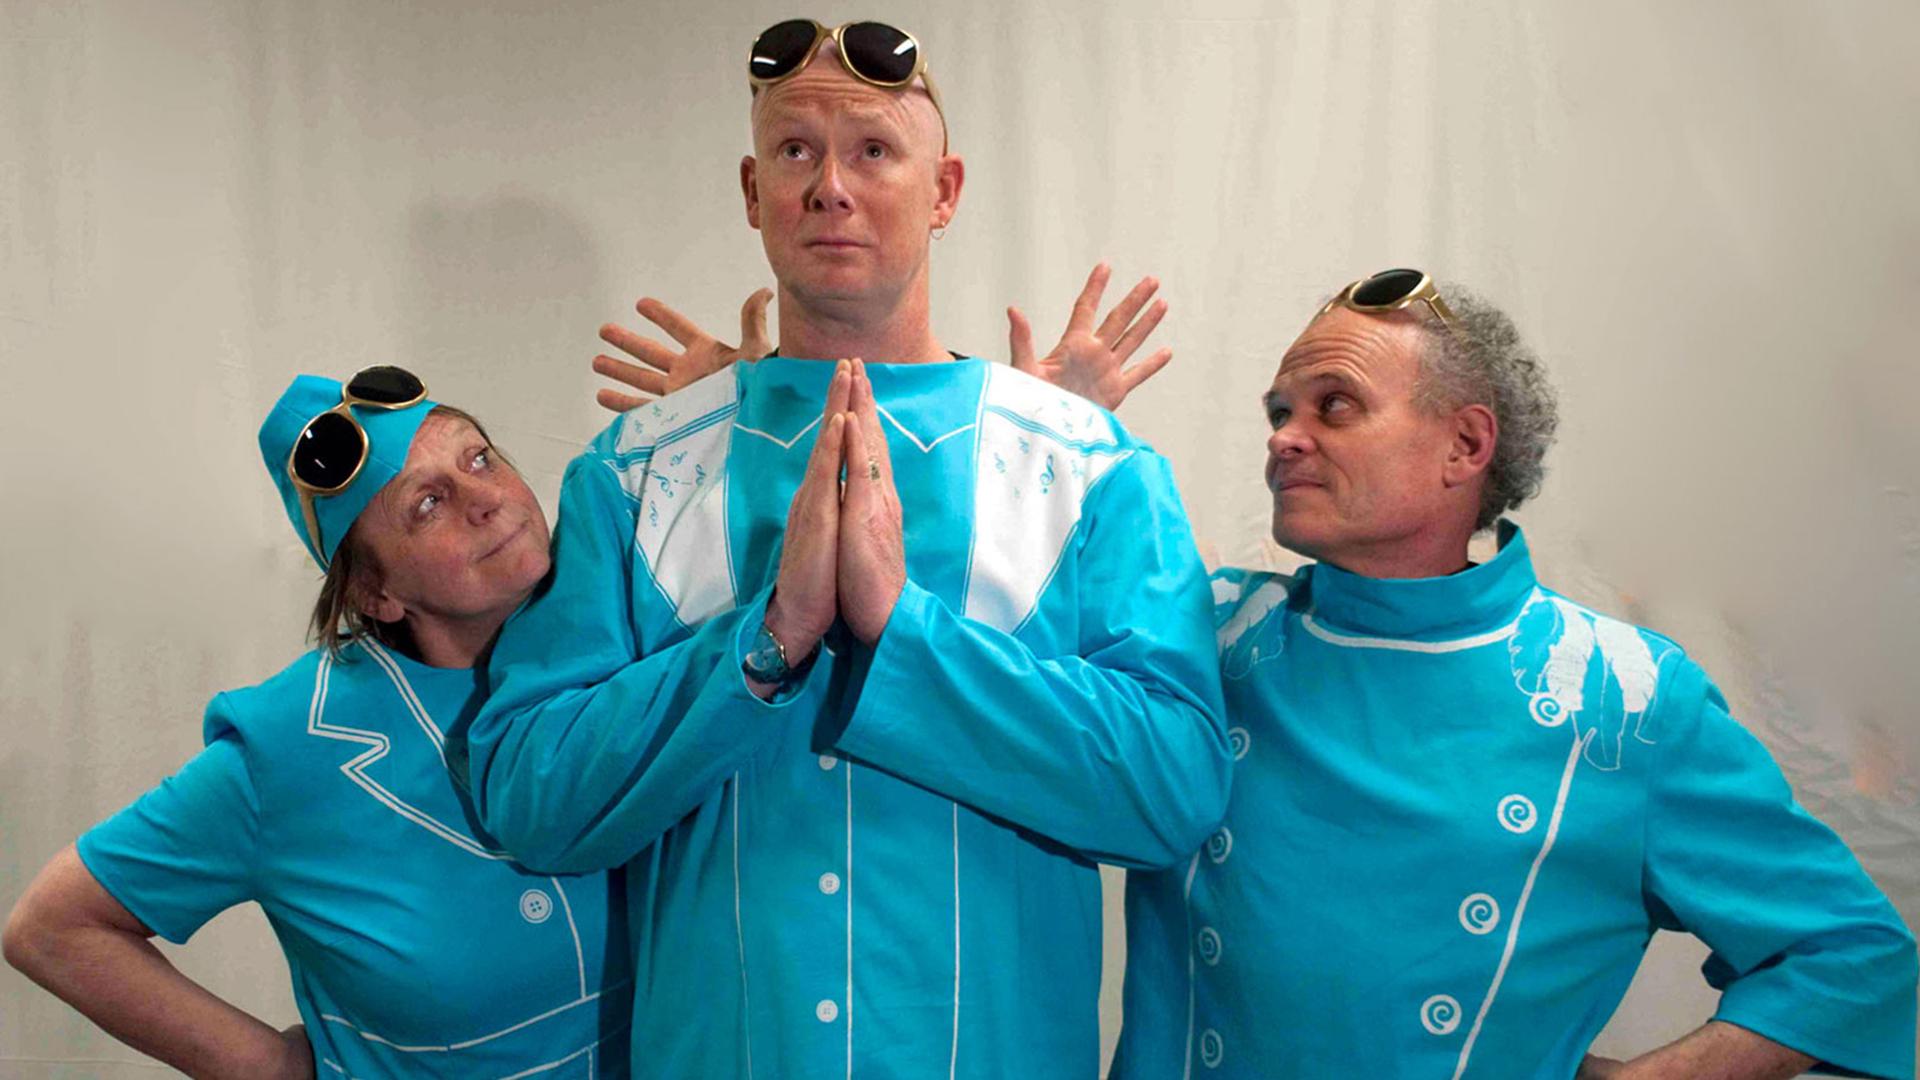 Den store finalen, Teater Fusentast/Andre Akt (2013/2010)